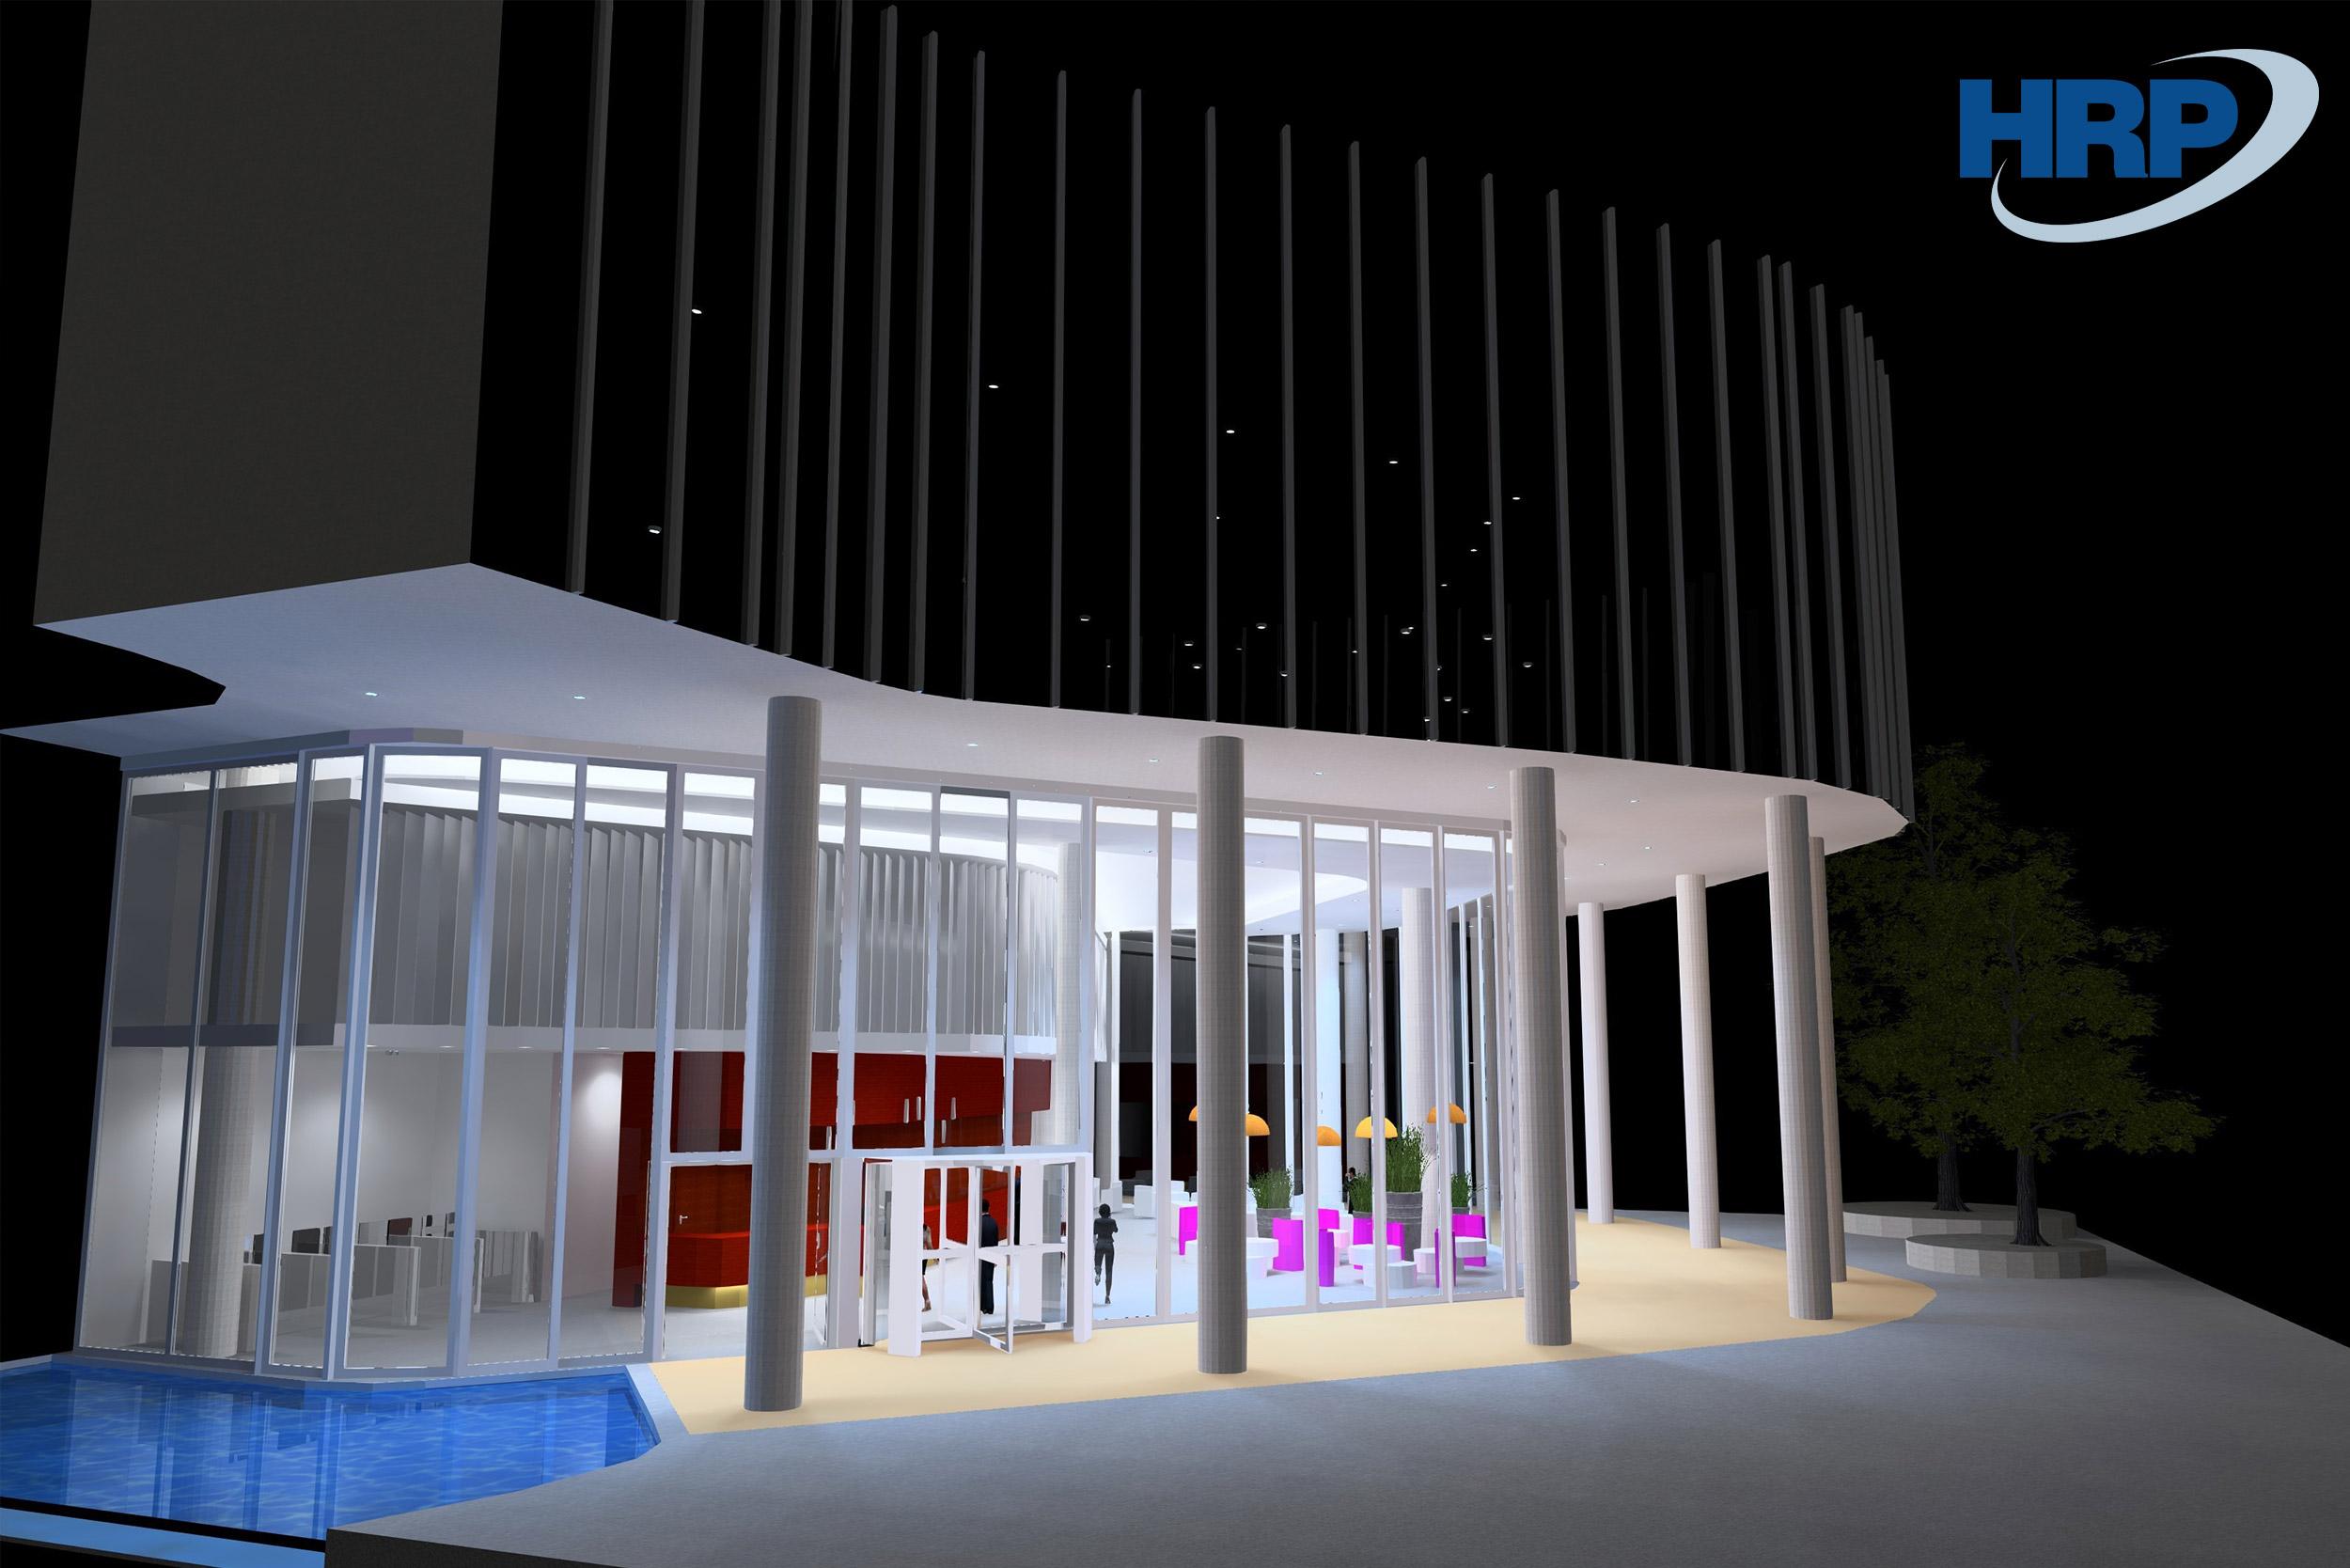 GTC Világítás 3D látványtervezés